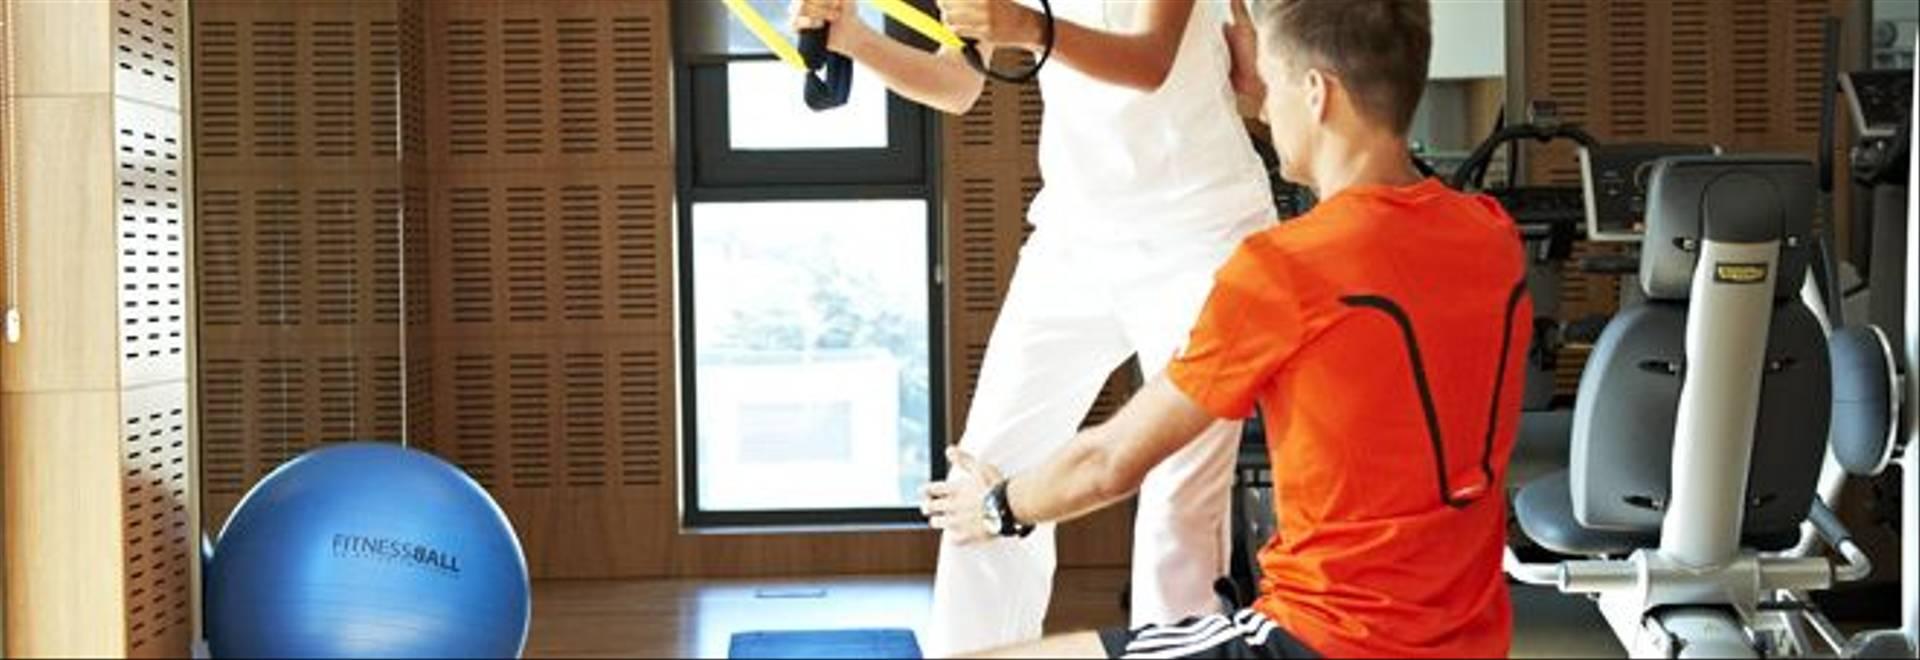 Palacio-Estoril-fitness-class-2.jpg